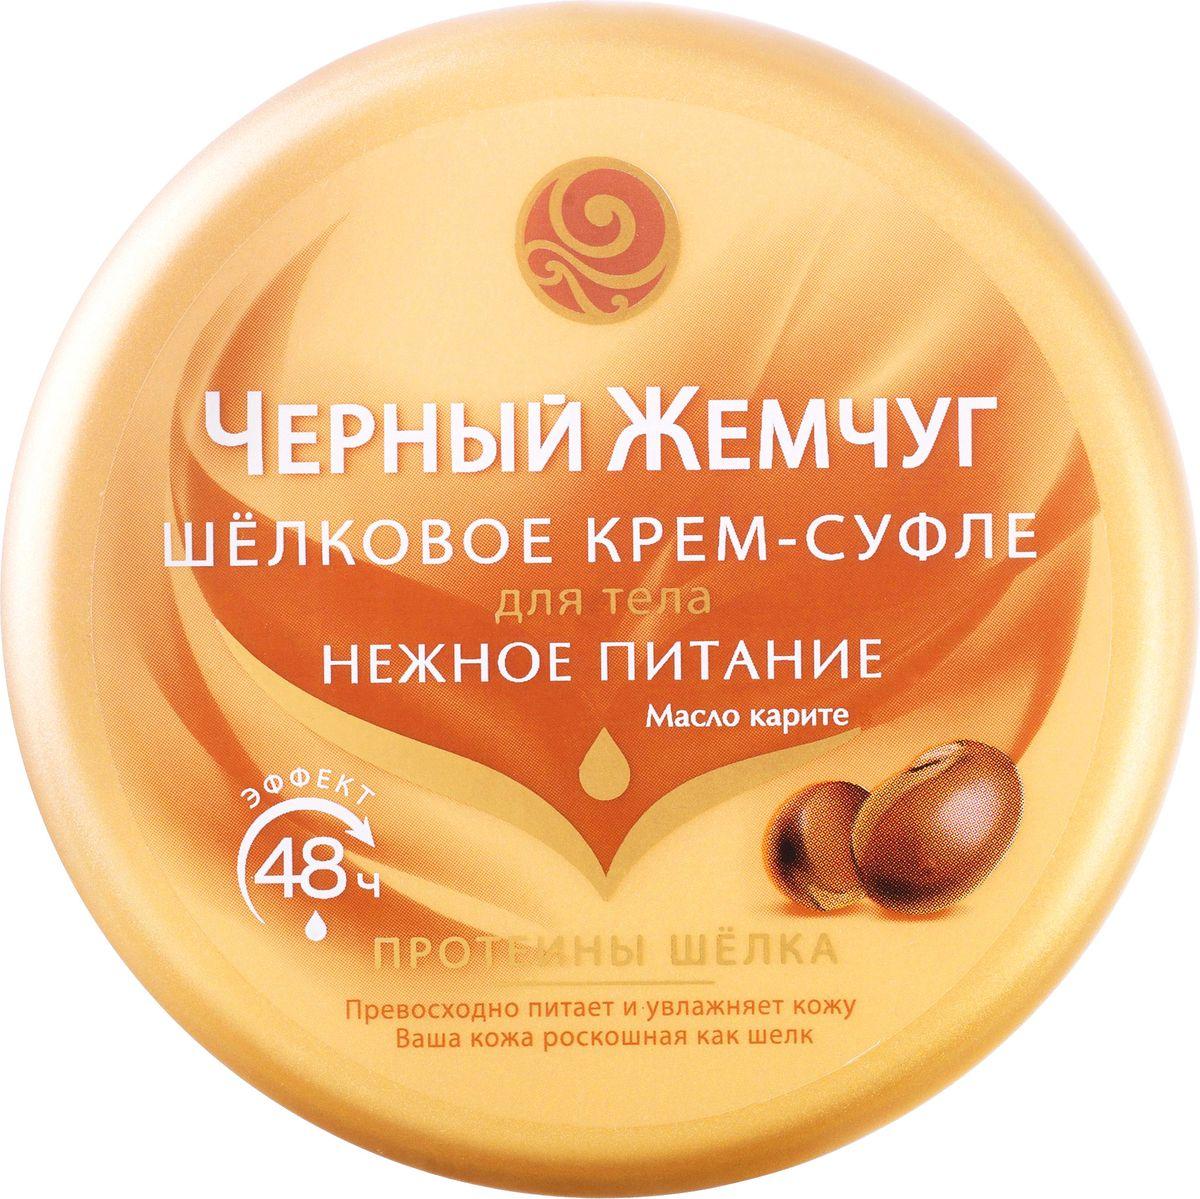 Черный Жемчуг Крем-суфле для тела Нежное питание 200 мл65500150Крем-суфле для тела Нежное питание - это 100% питания + 48 часов увлажнения для вашей кожи.Впервые – сверхлегкая текстура в удобной большой банке. Ваша кожа роскошная, как шелк! Товар сертифицирован.